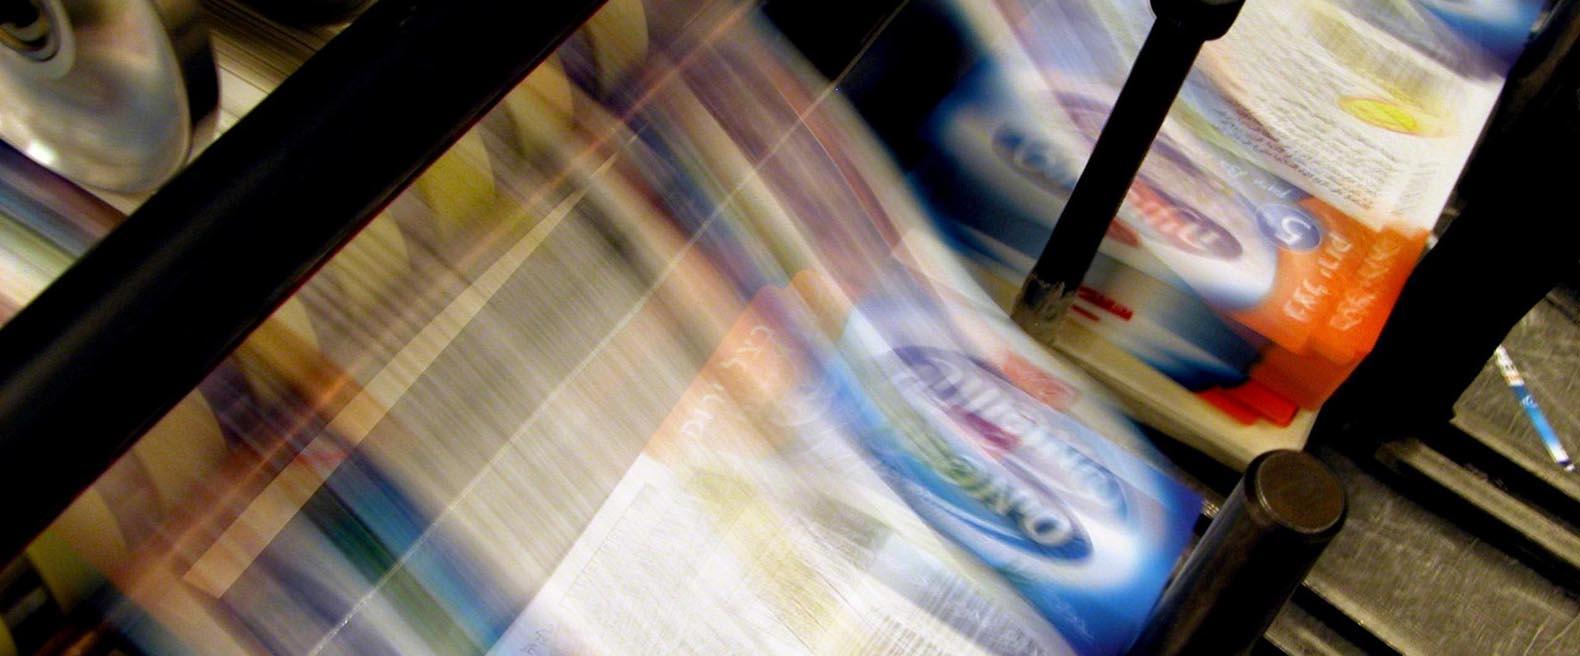 Fernglen Printing